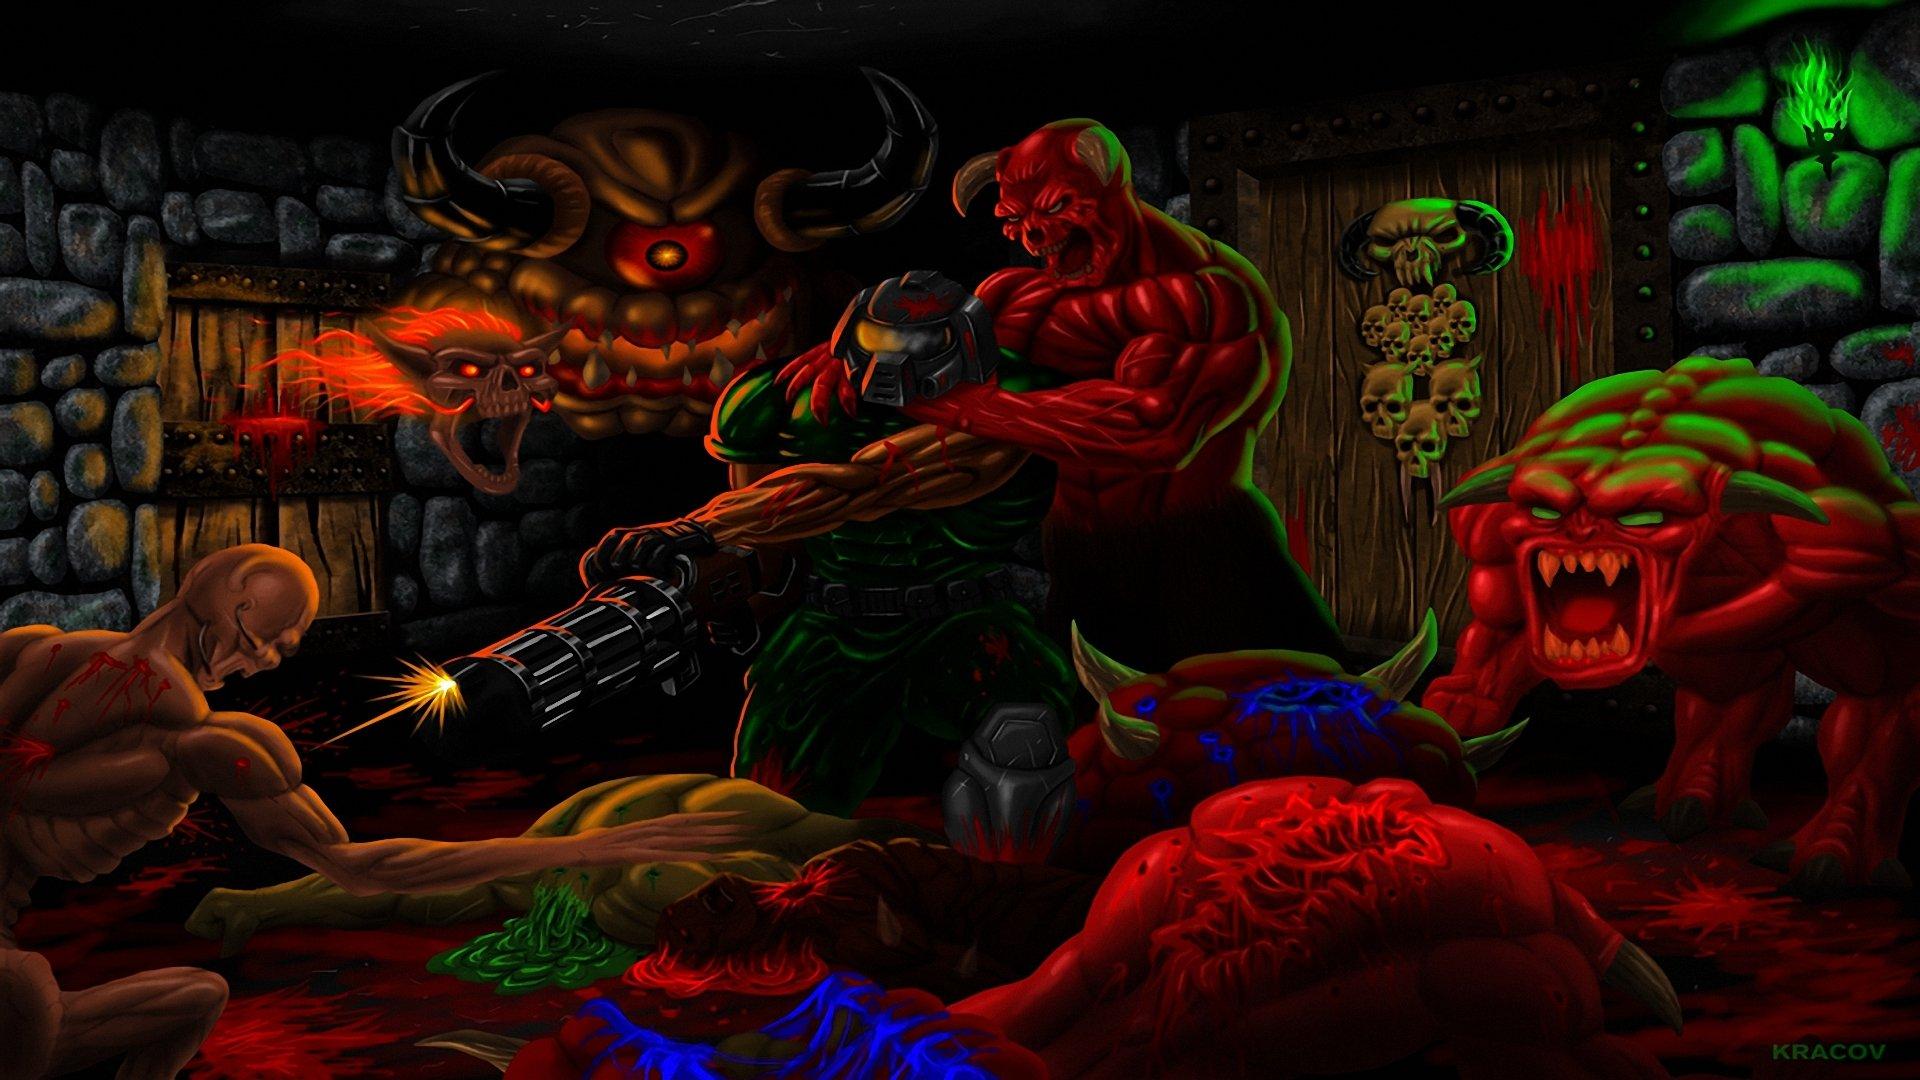 Brutal Doom wallpapers, Video Game, HQ Brutal Doom pictures   4K